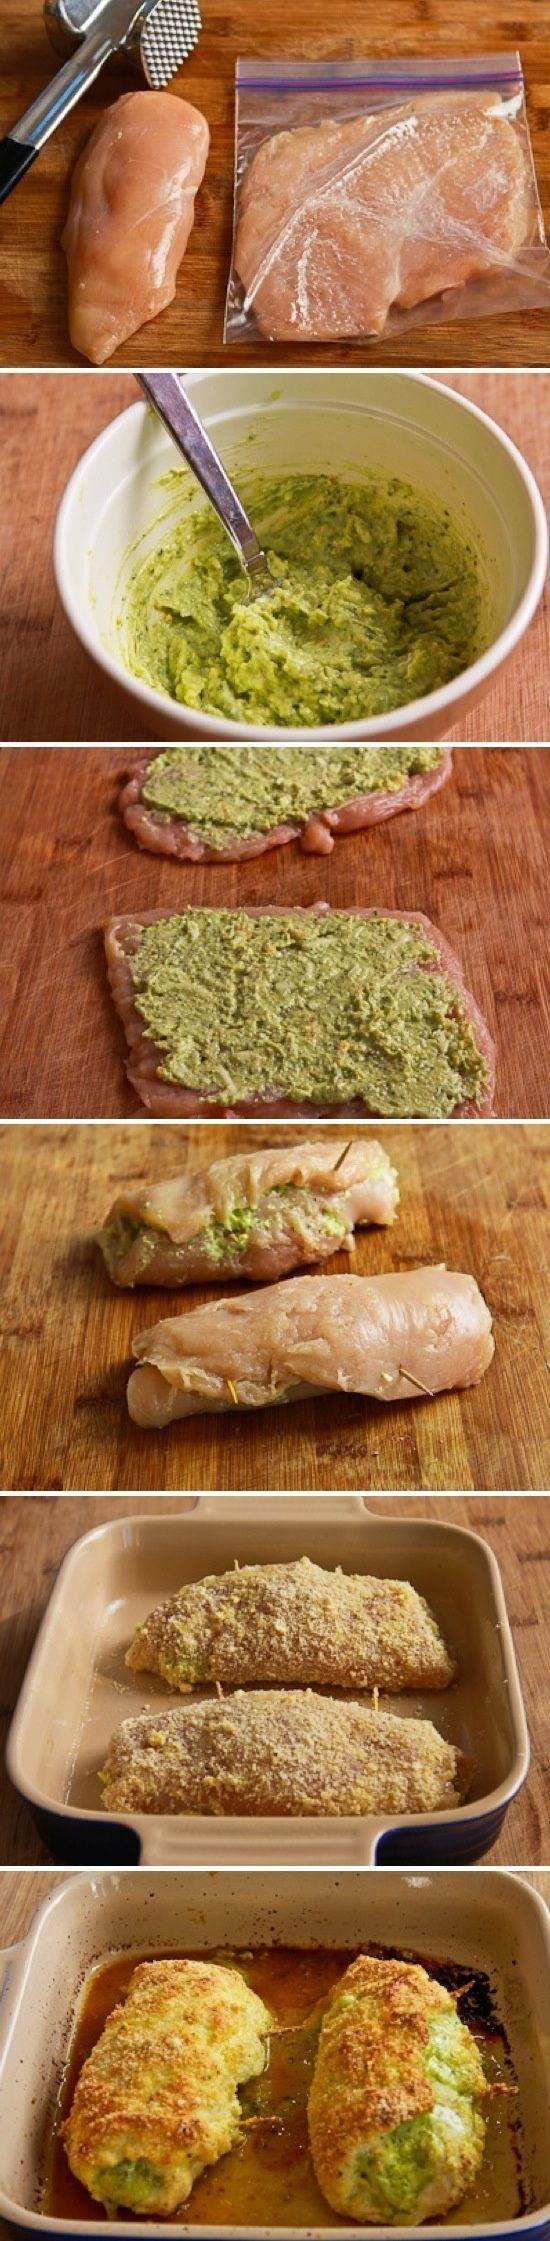 Pesto and Cheese Stuffed Chicken Rolls | Tasty treats | Pinterest